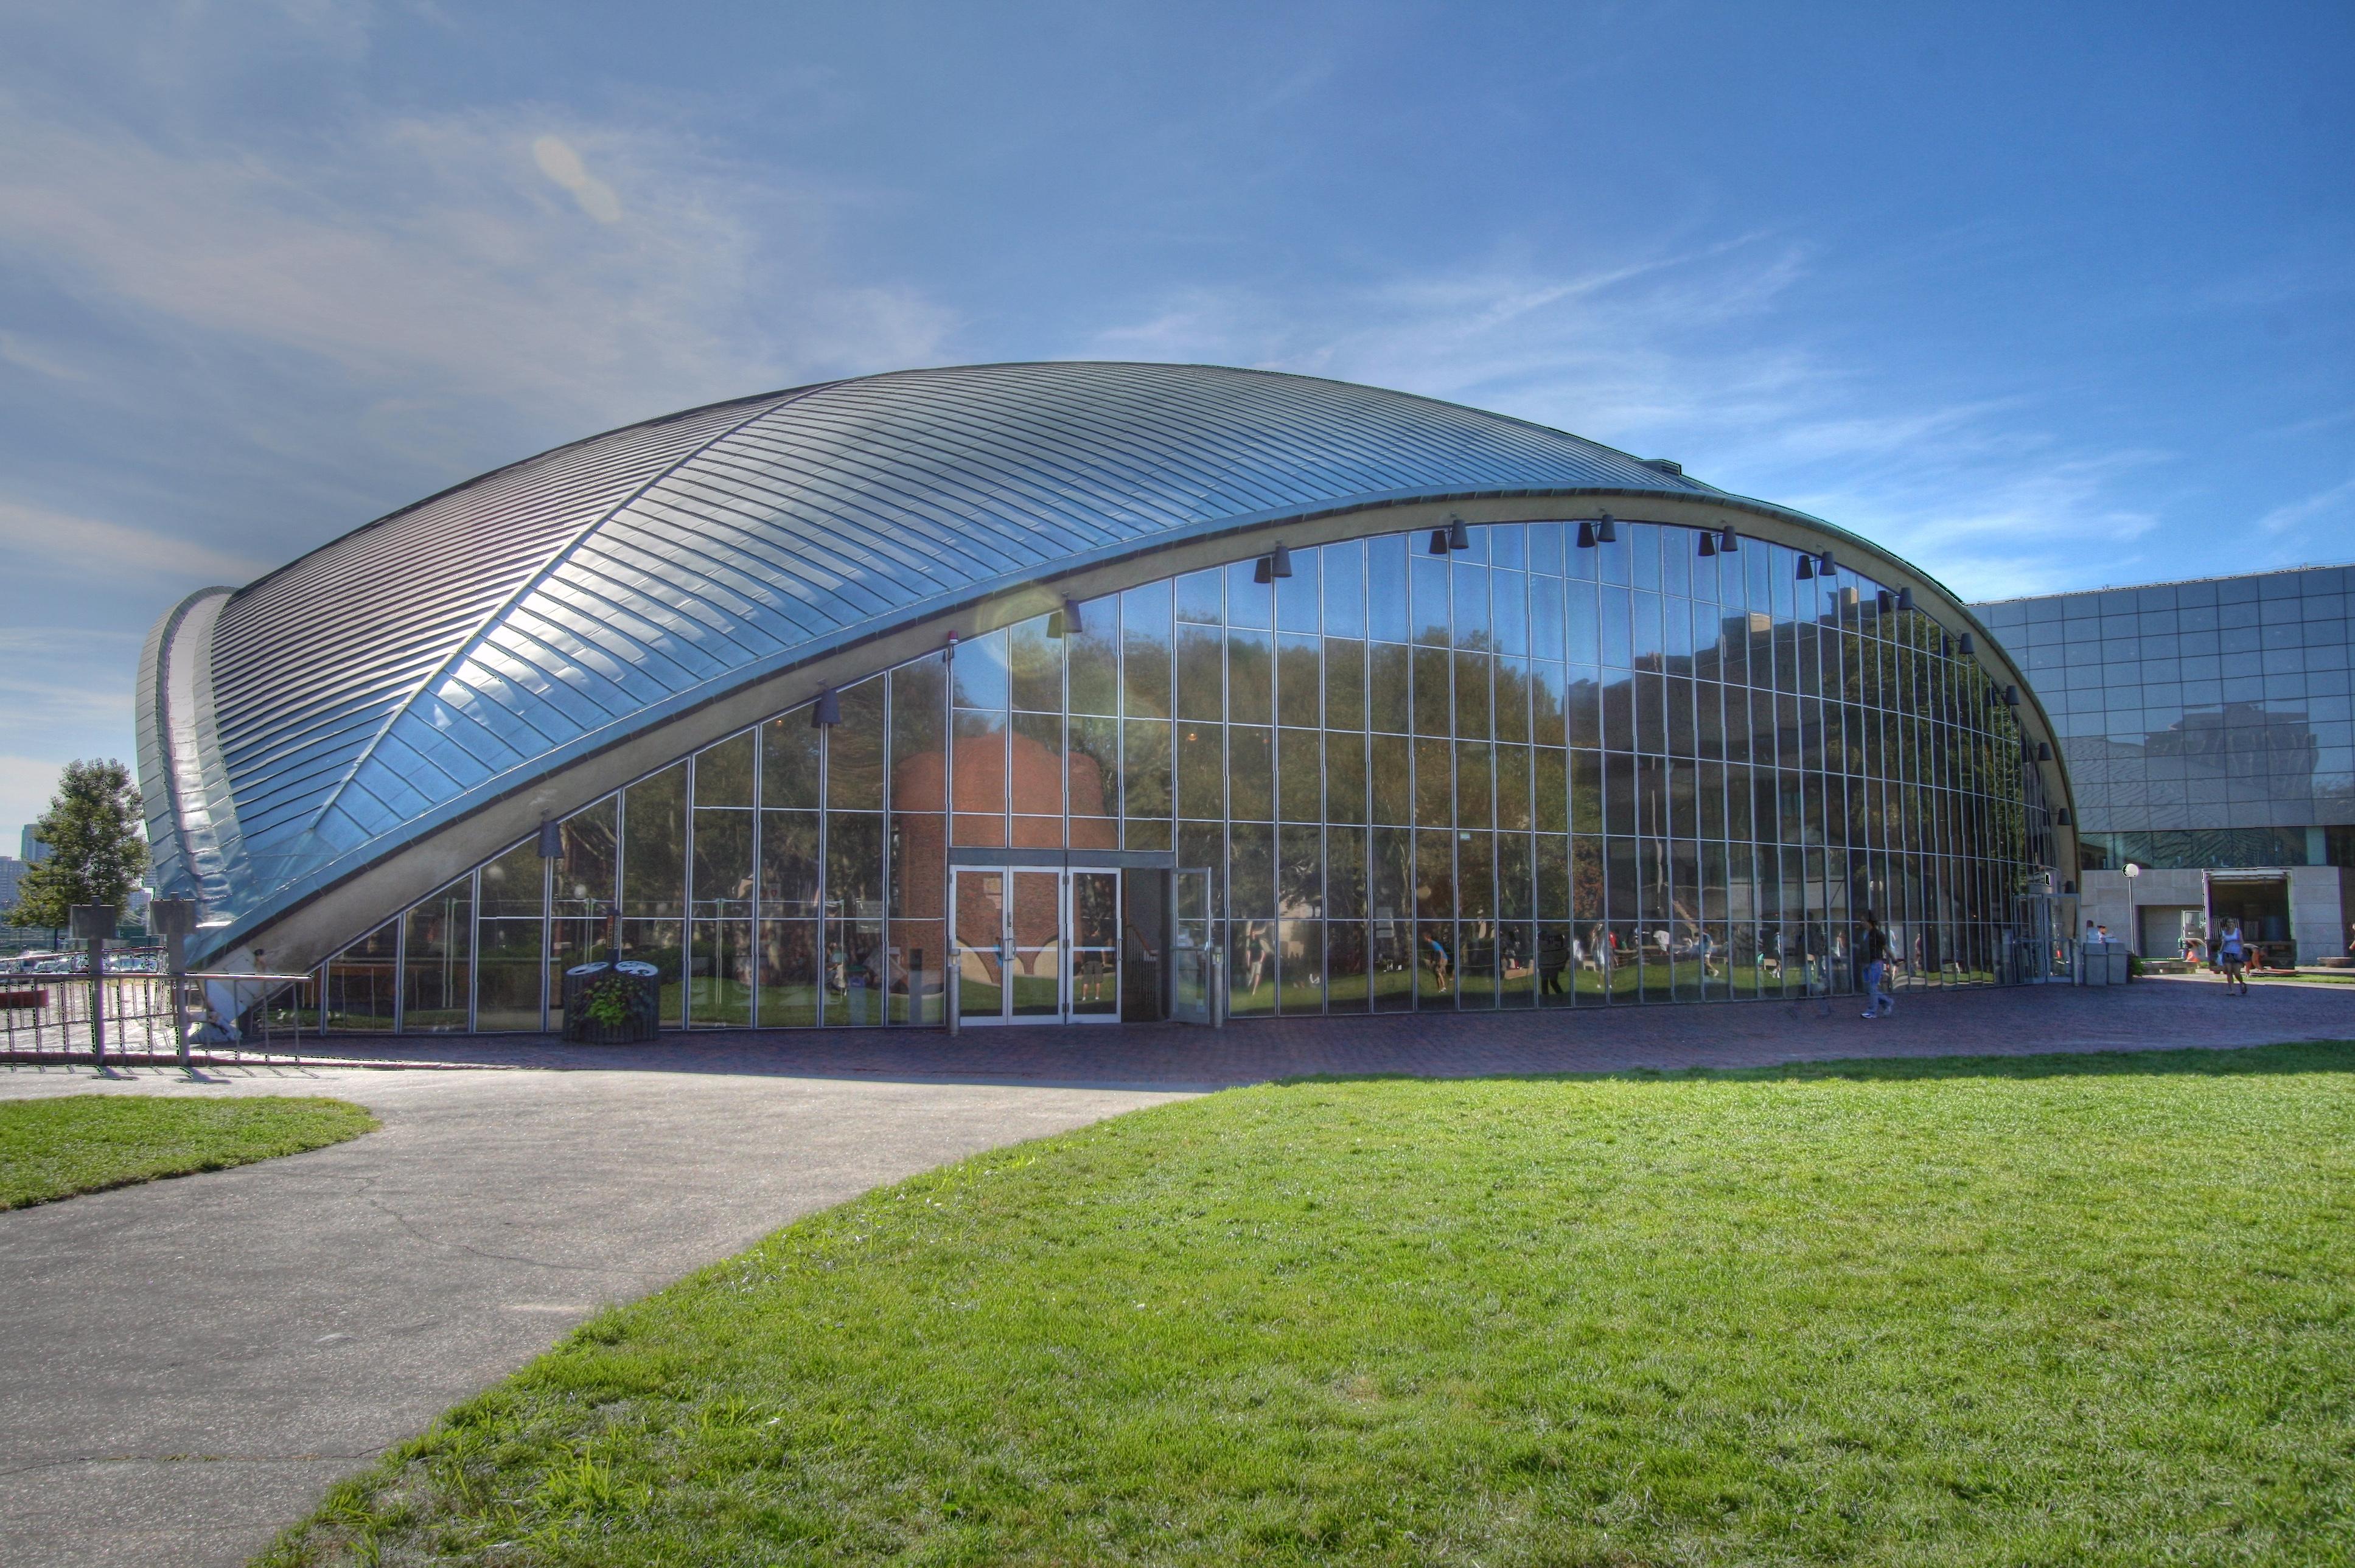 MIT - Massachusetts Institute of Technology - Cambridge, Massachusetts